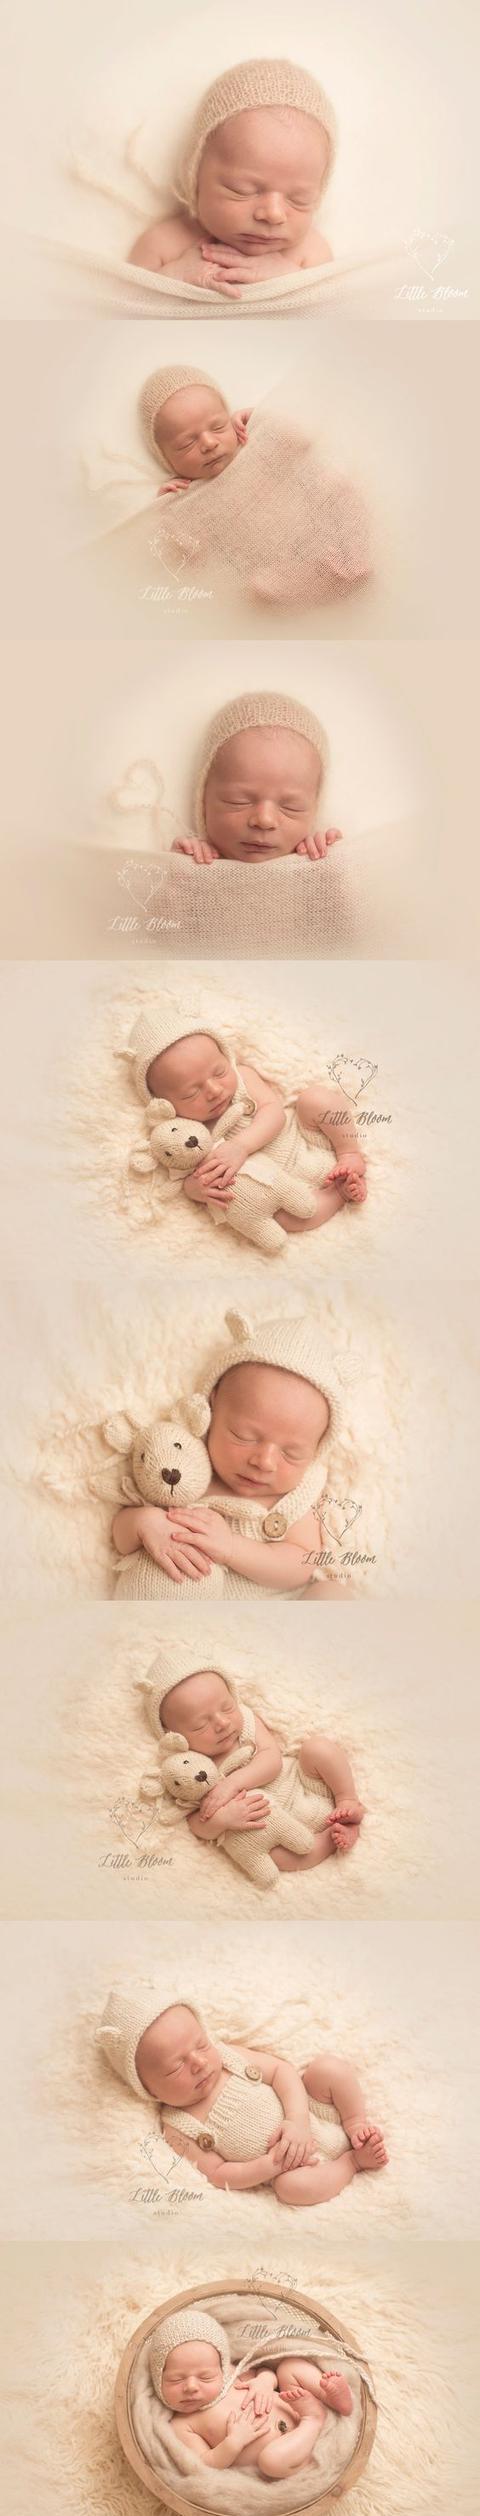 刚出生的婴儿照,实在太萌了图片